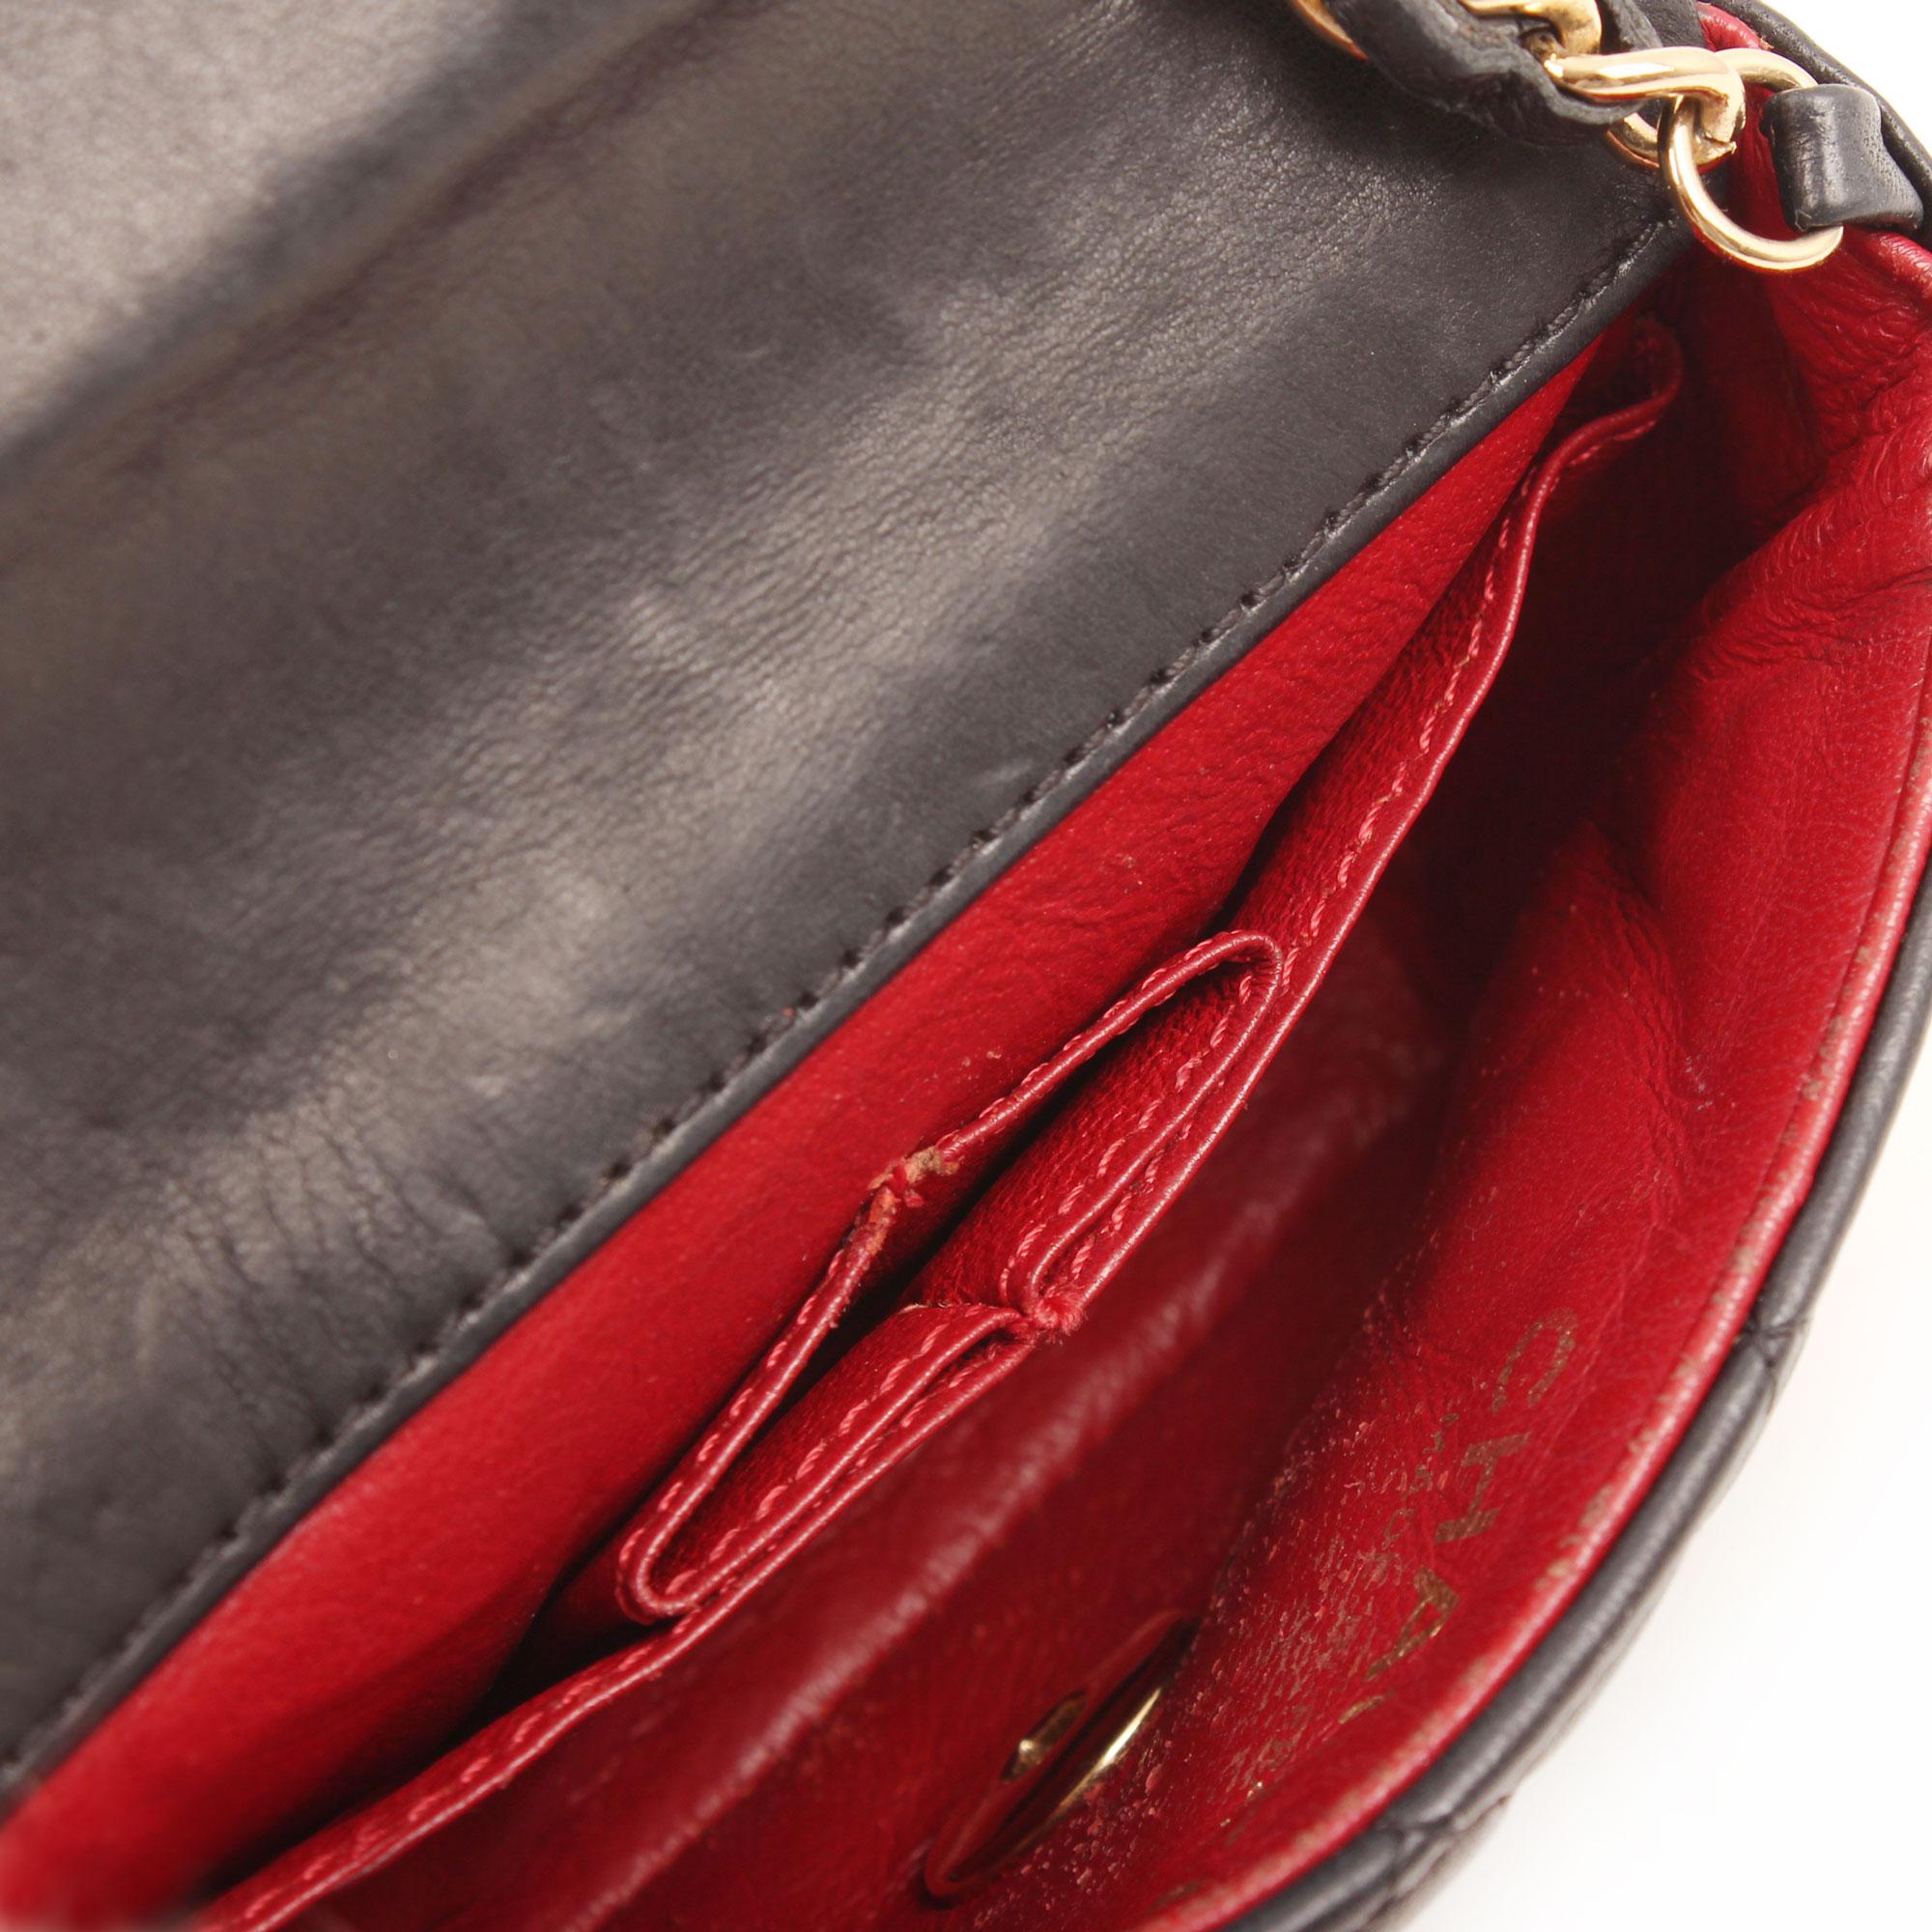 Interior image of chanel micro mini black bag